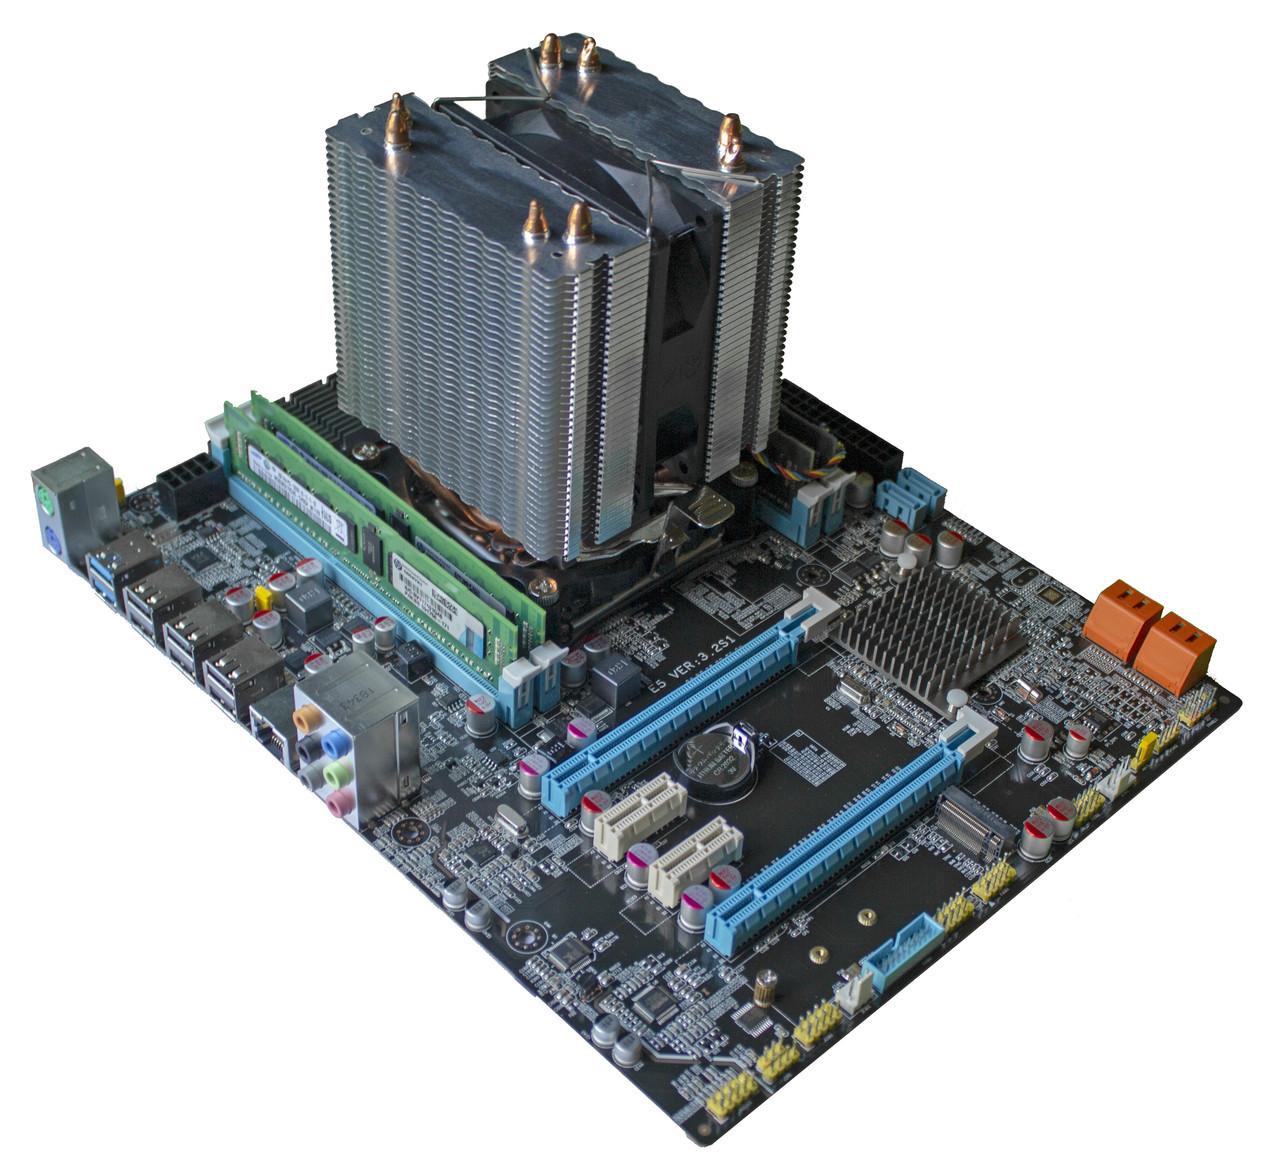 Комплект E5-3.2S1 + Xeon E5-2689 + 16 GB RAM + Кулер, LGA 2011